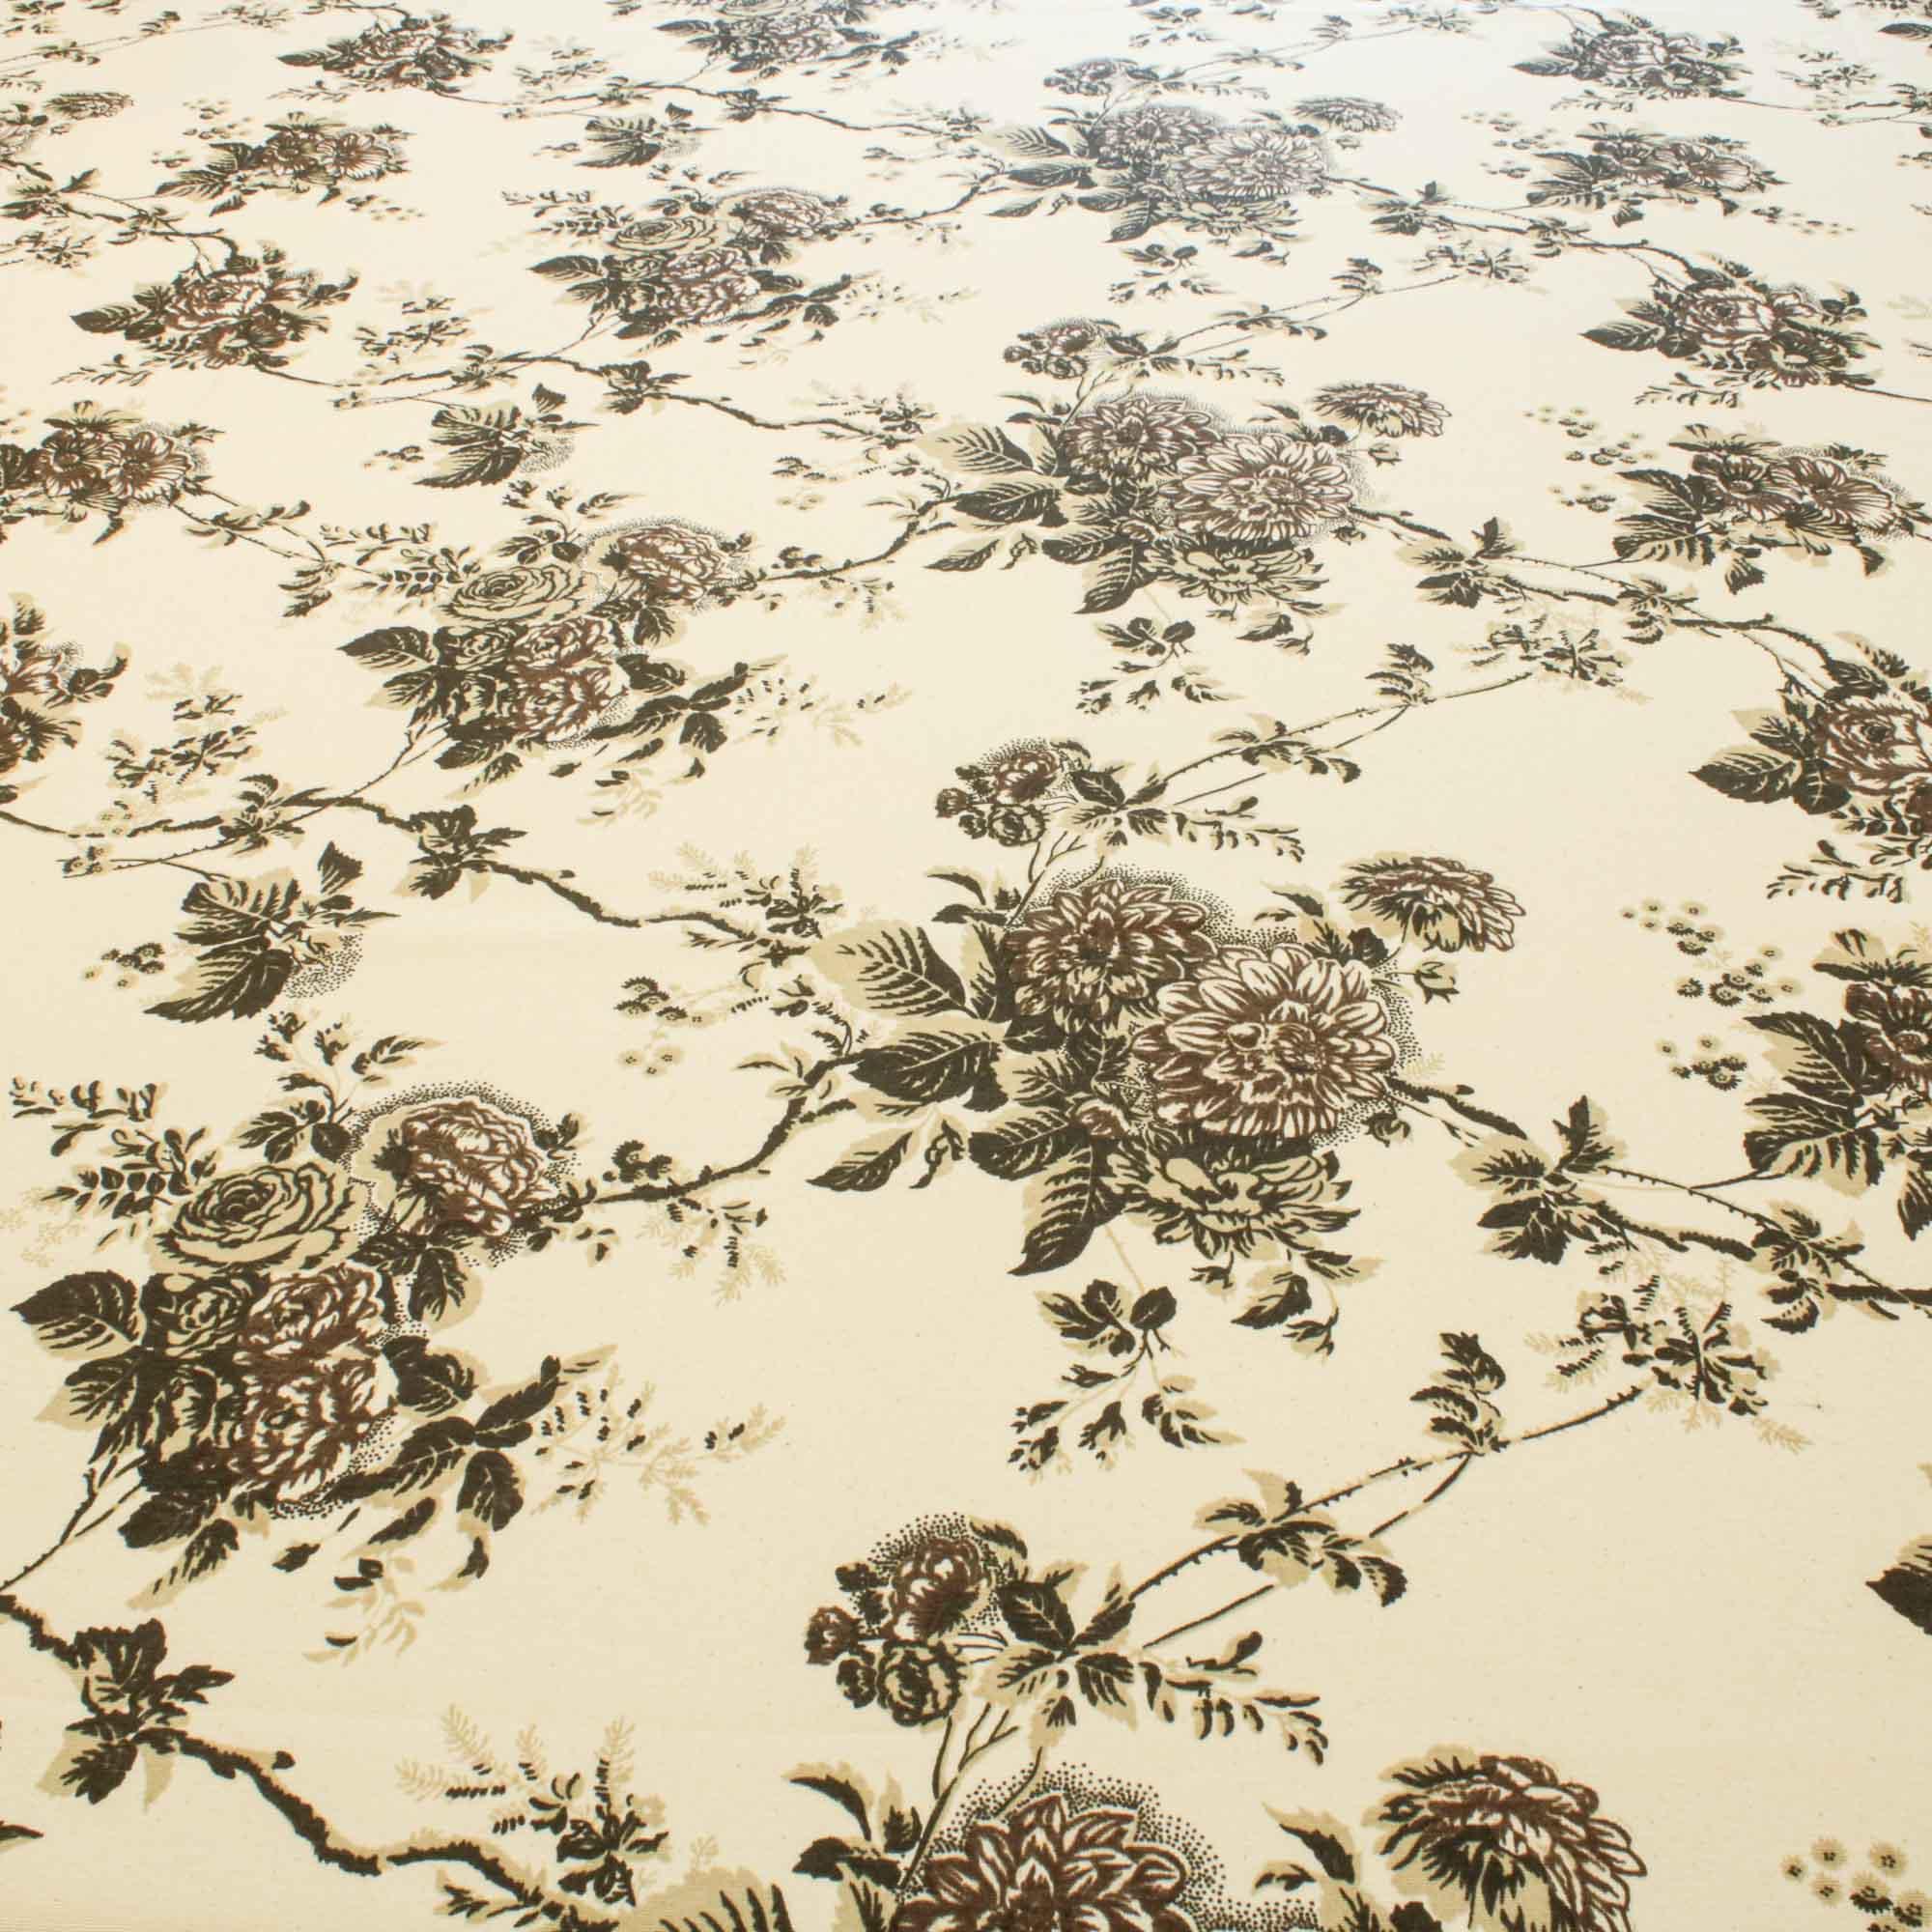 Tecido Para Decoração Estampado Flores e Ramos 1,42 Mt Largura Marrom